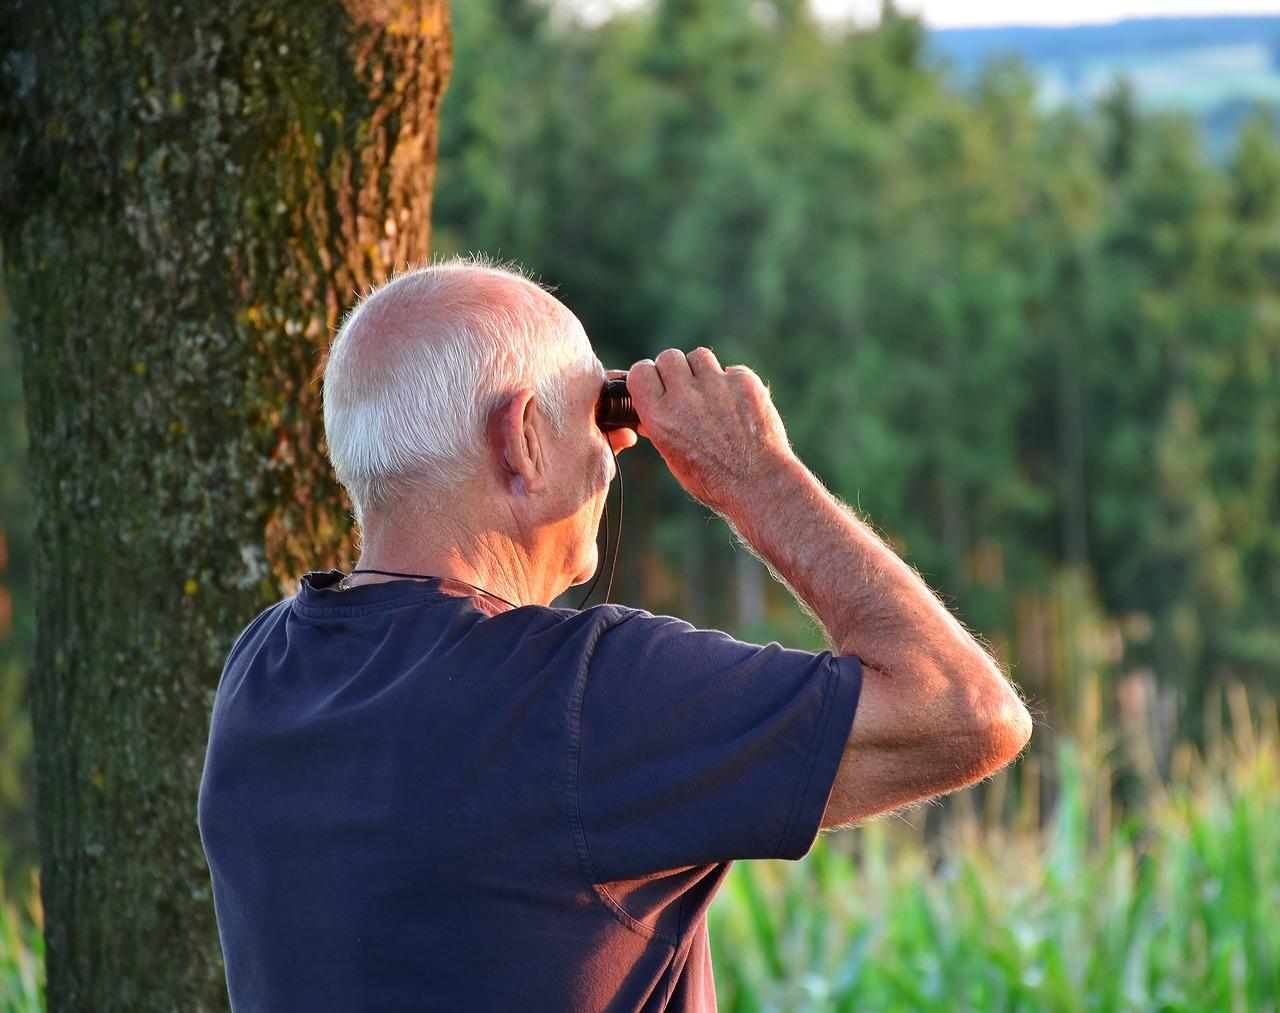 Peut-on obtenir un prêt hypothécaire lorsqu'on est retraité ?